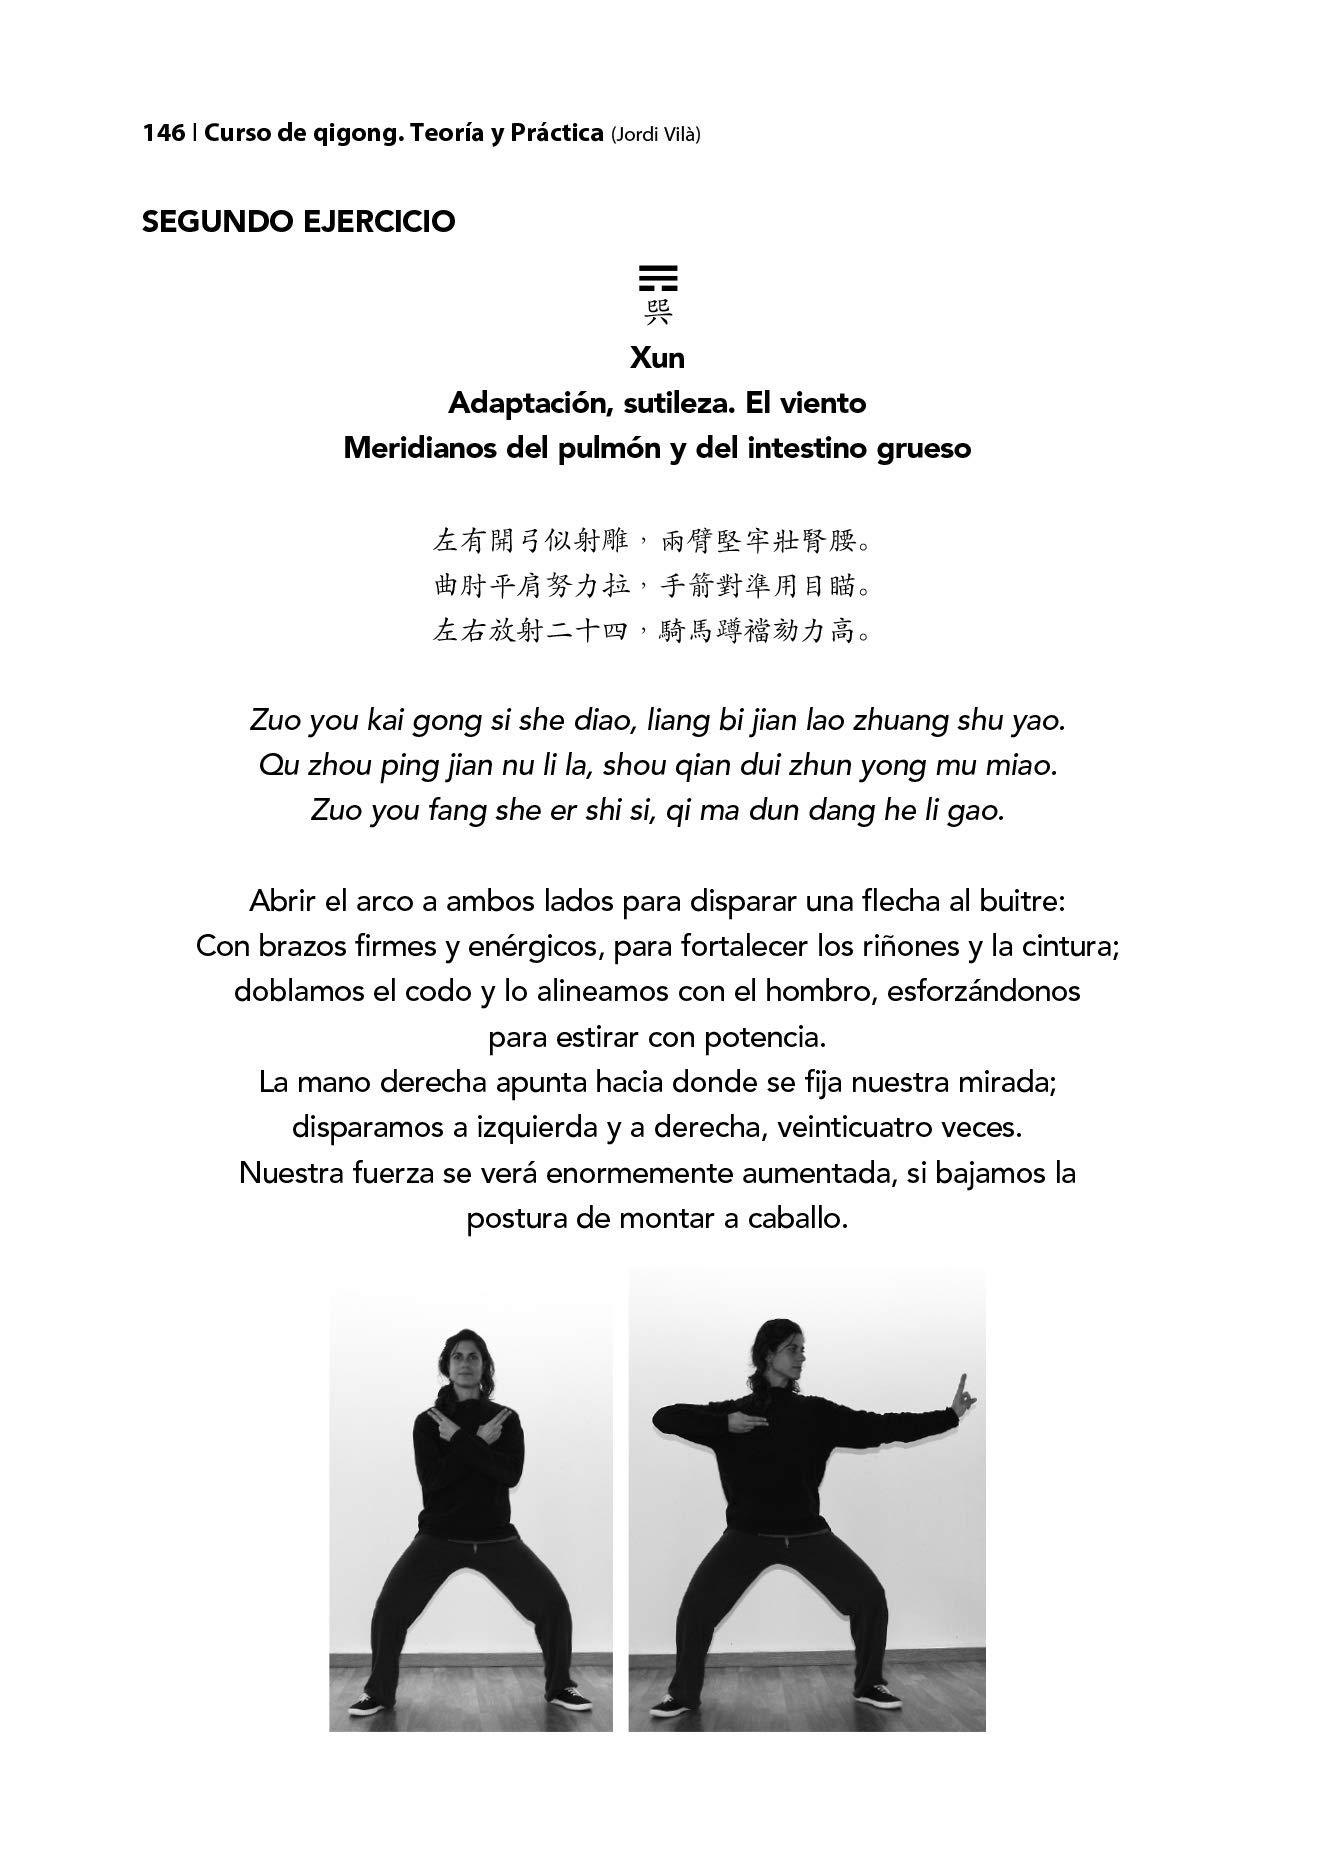 Curso de Qigong : teoría y práctica: Jordi Via i Oliveras ...